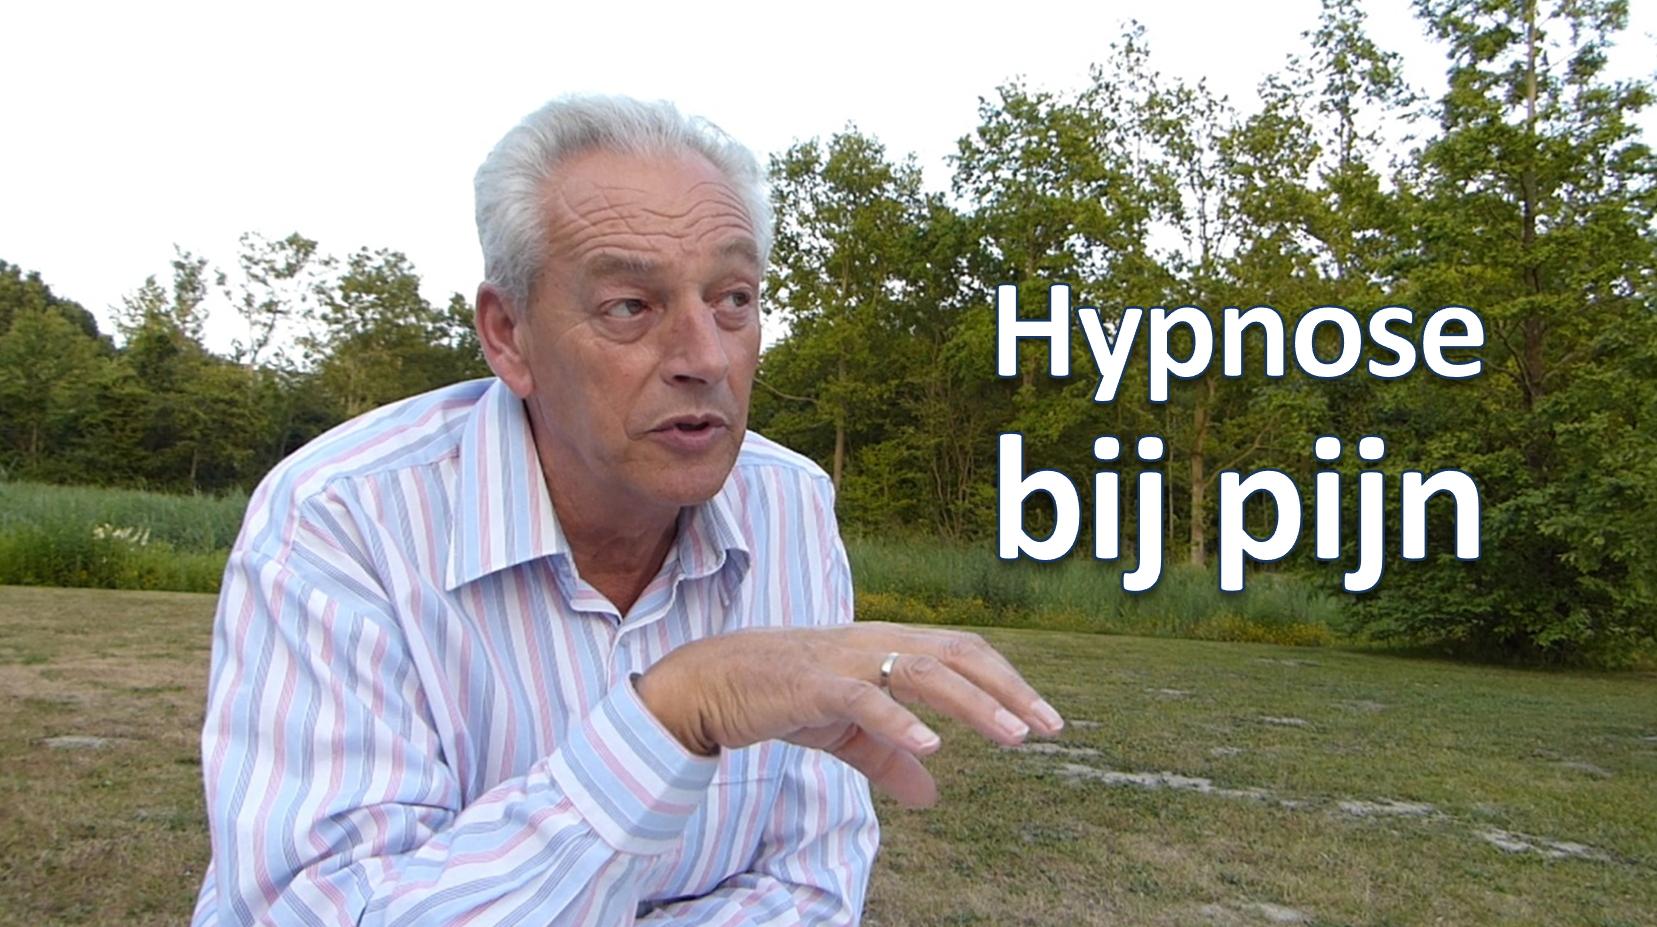 Werkt hypnose bij pijn?